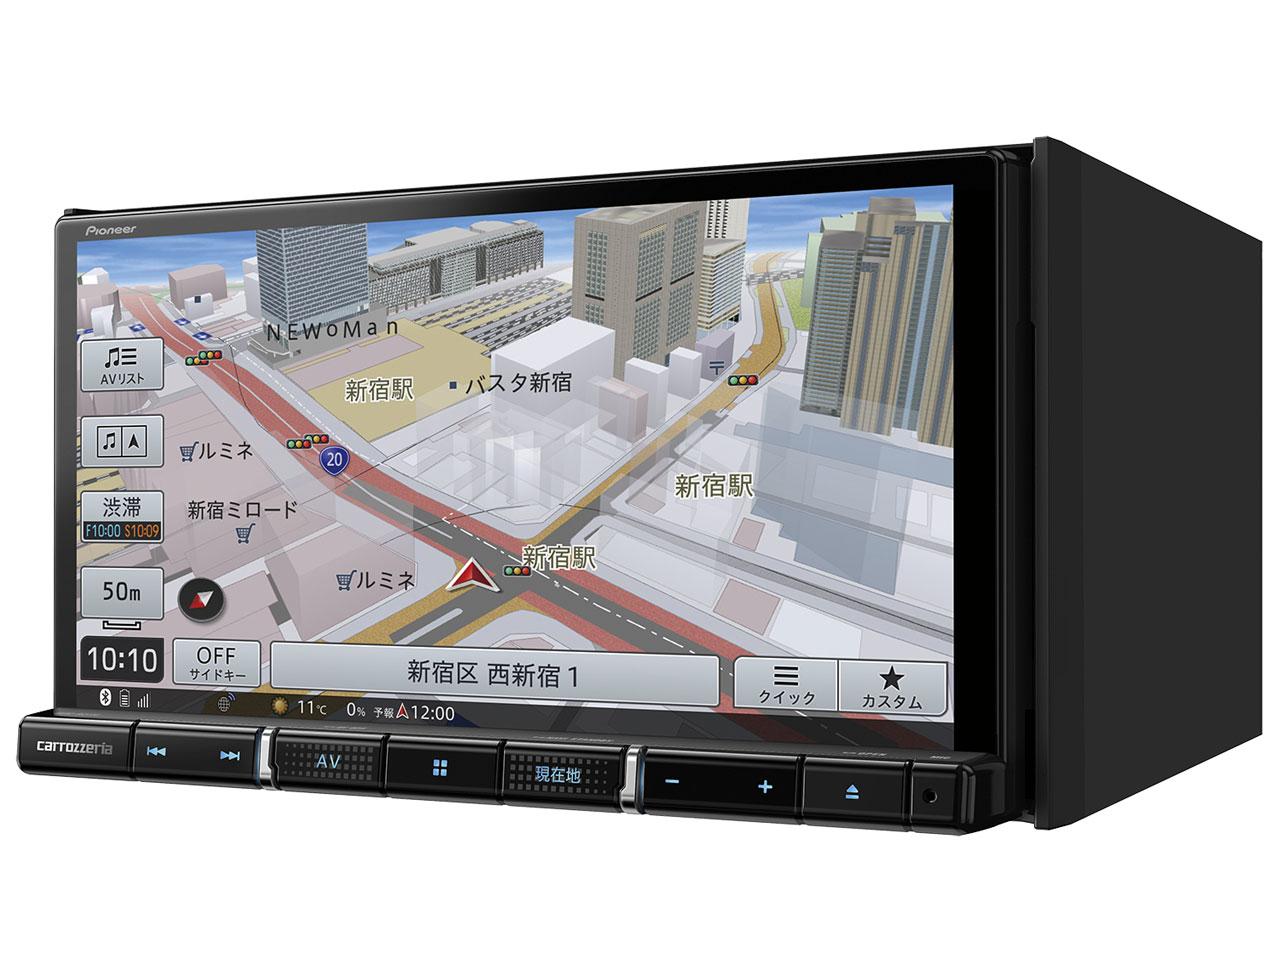 『本体 斜め1』 楽ナビ AVIC-RZ710 の製品画像